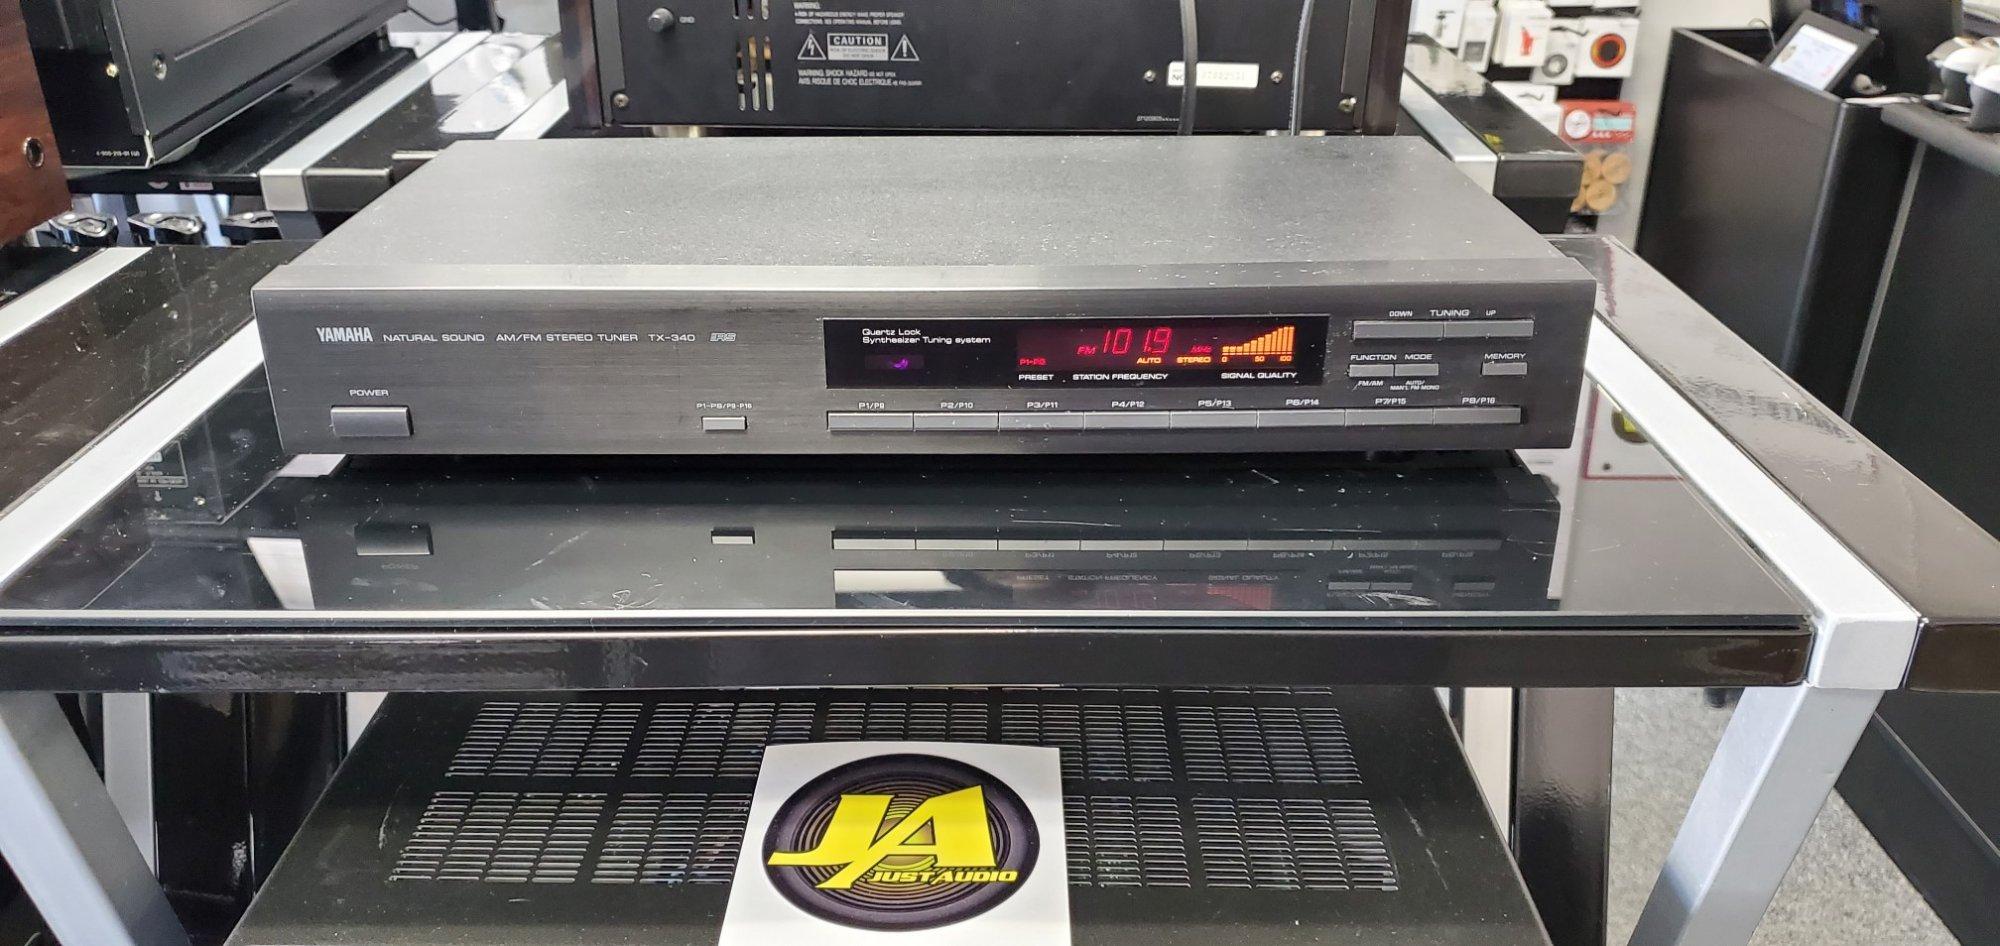 Yamaha  TX-340